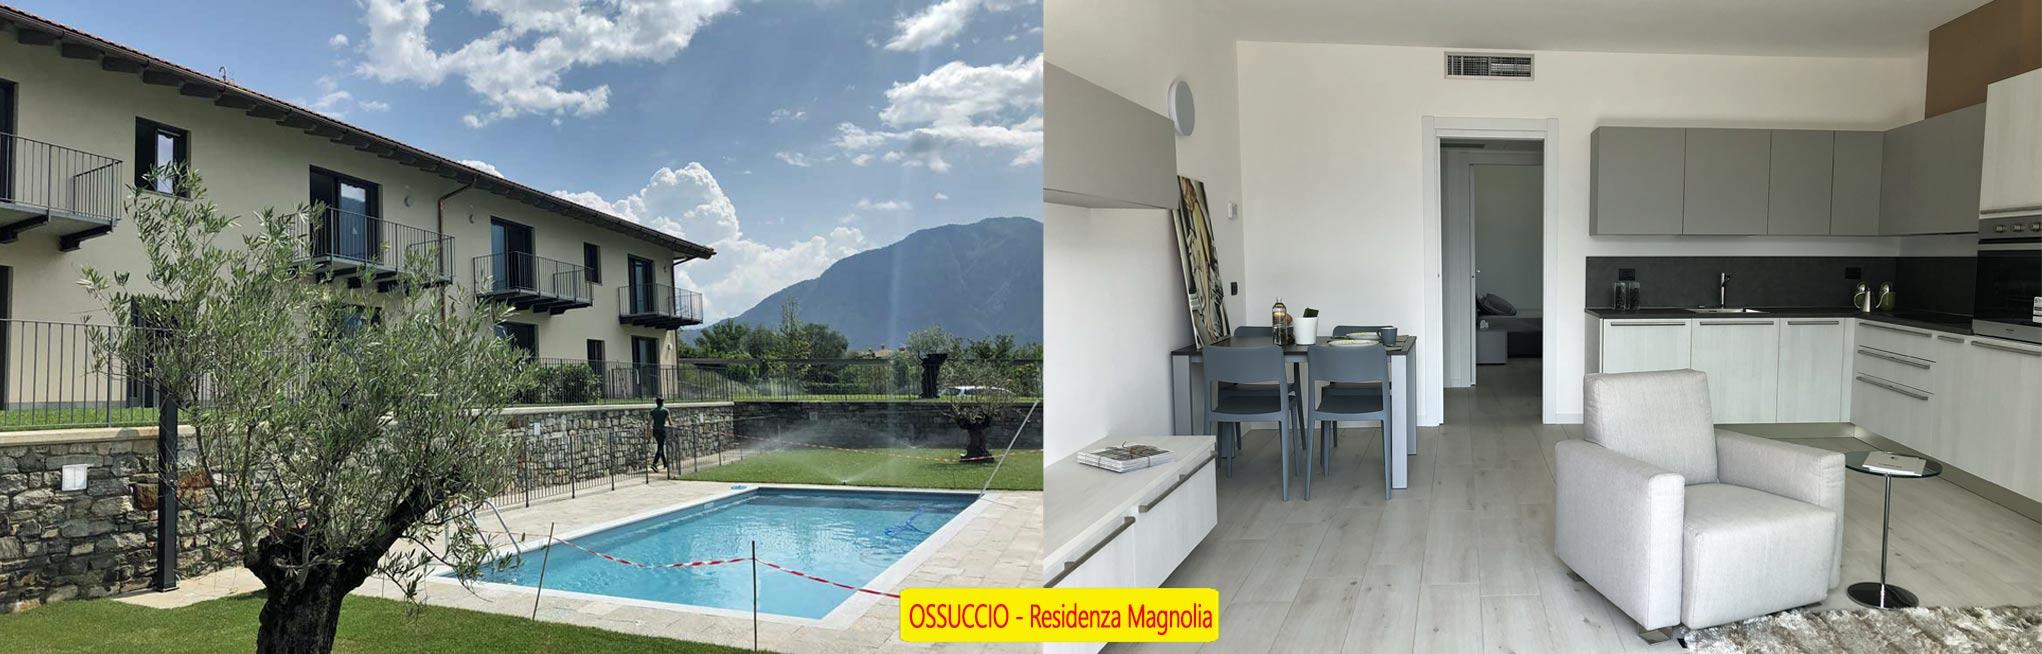 Home-case-in-vendita-ossuccio-tremezzina